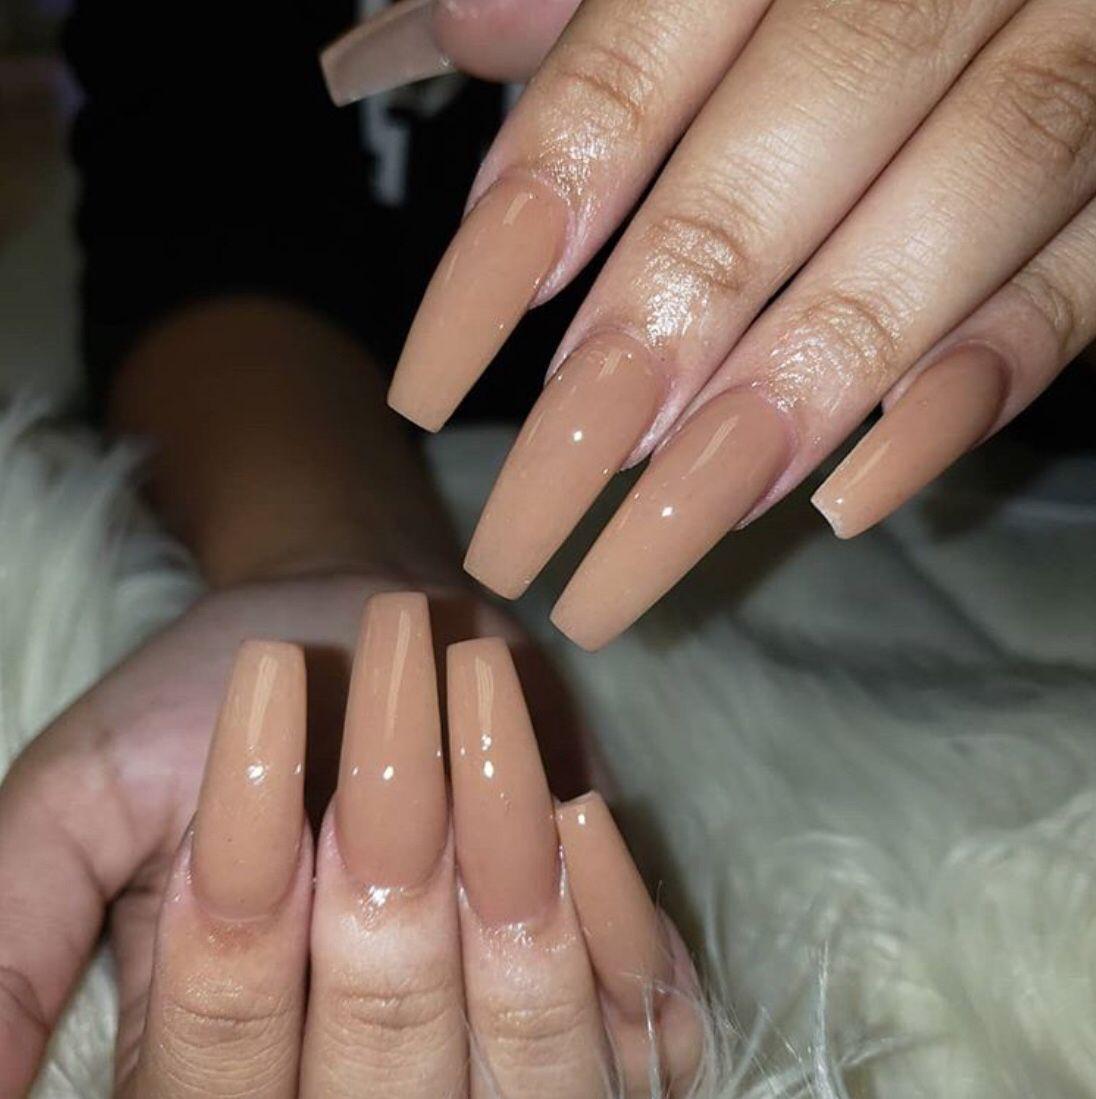 Pin On Nails Nails Nailsss